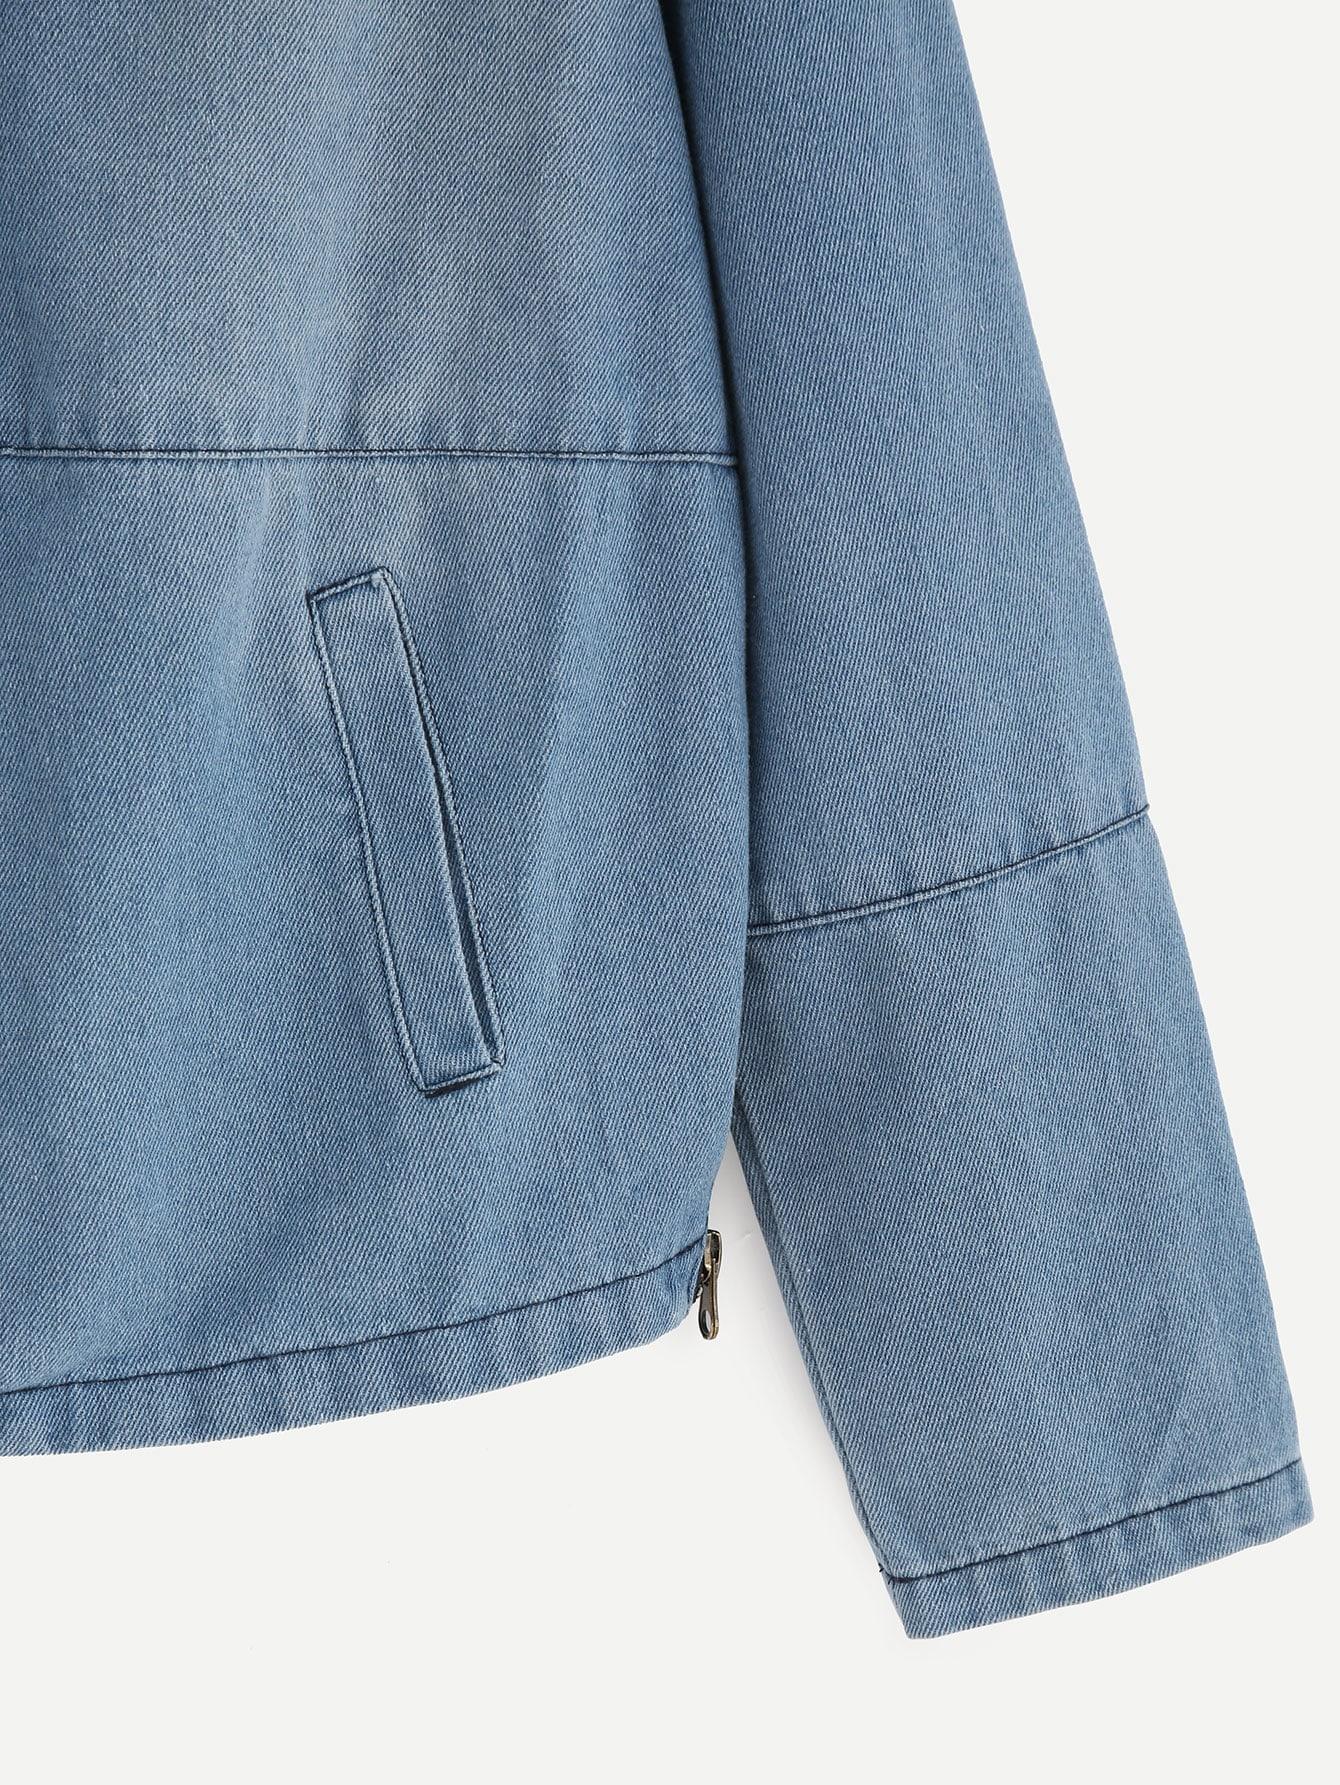 jacket160808121_2